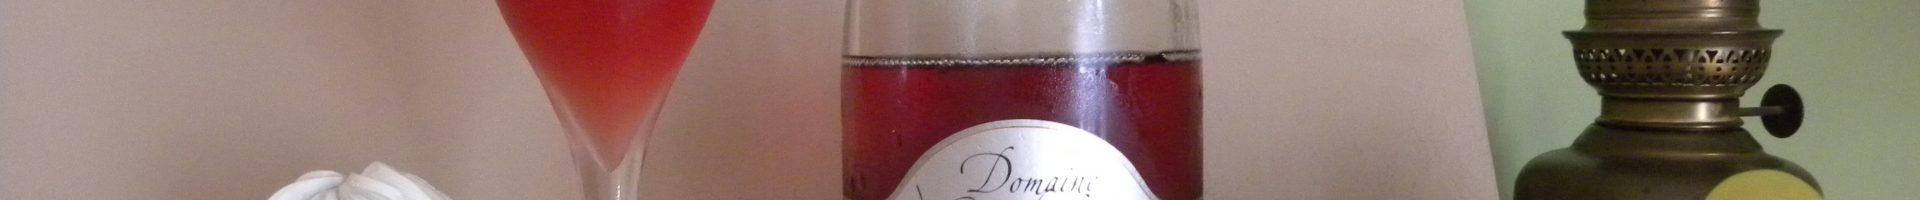 Méthode Traditionnelle Brut Rosé